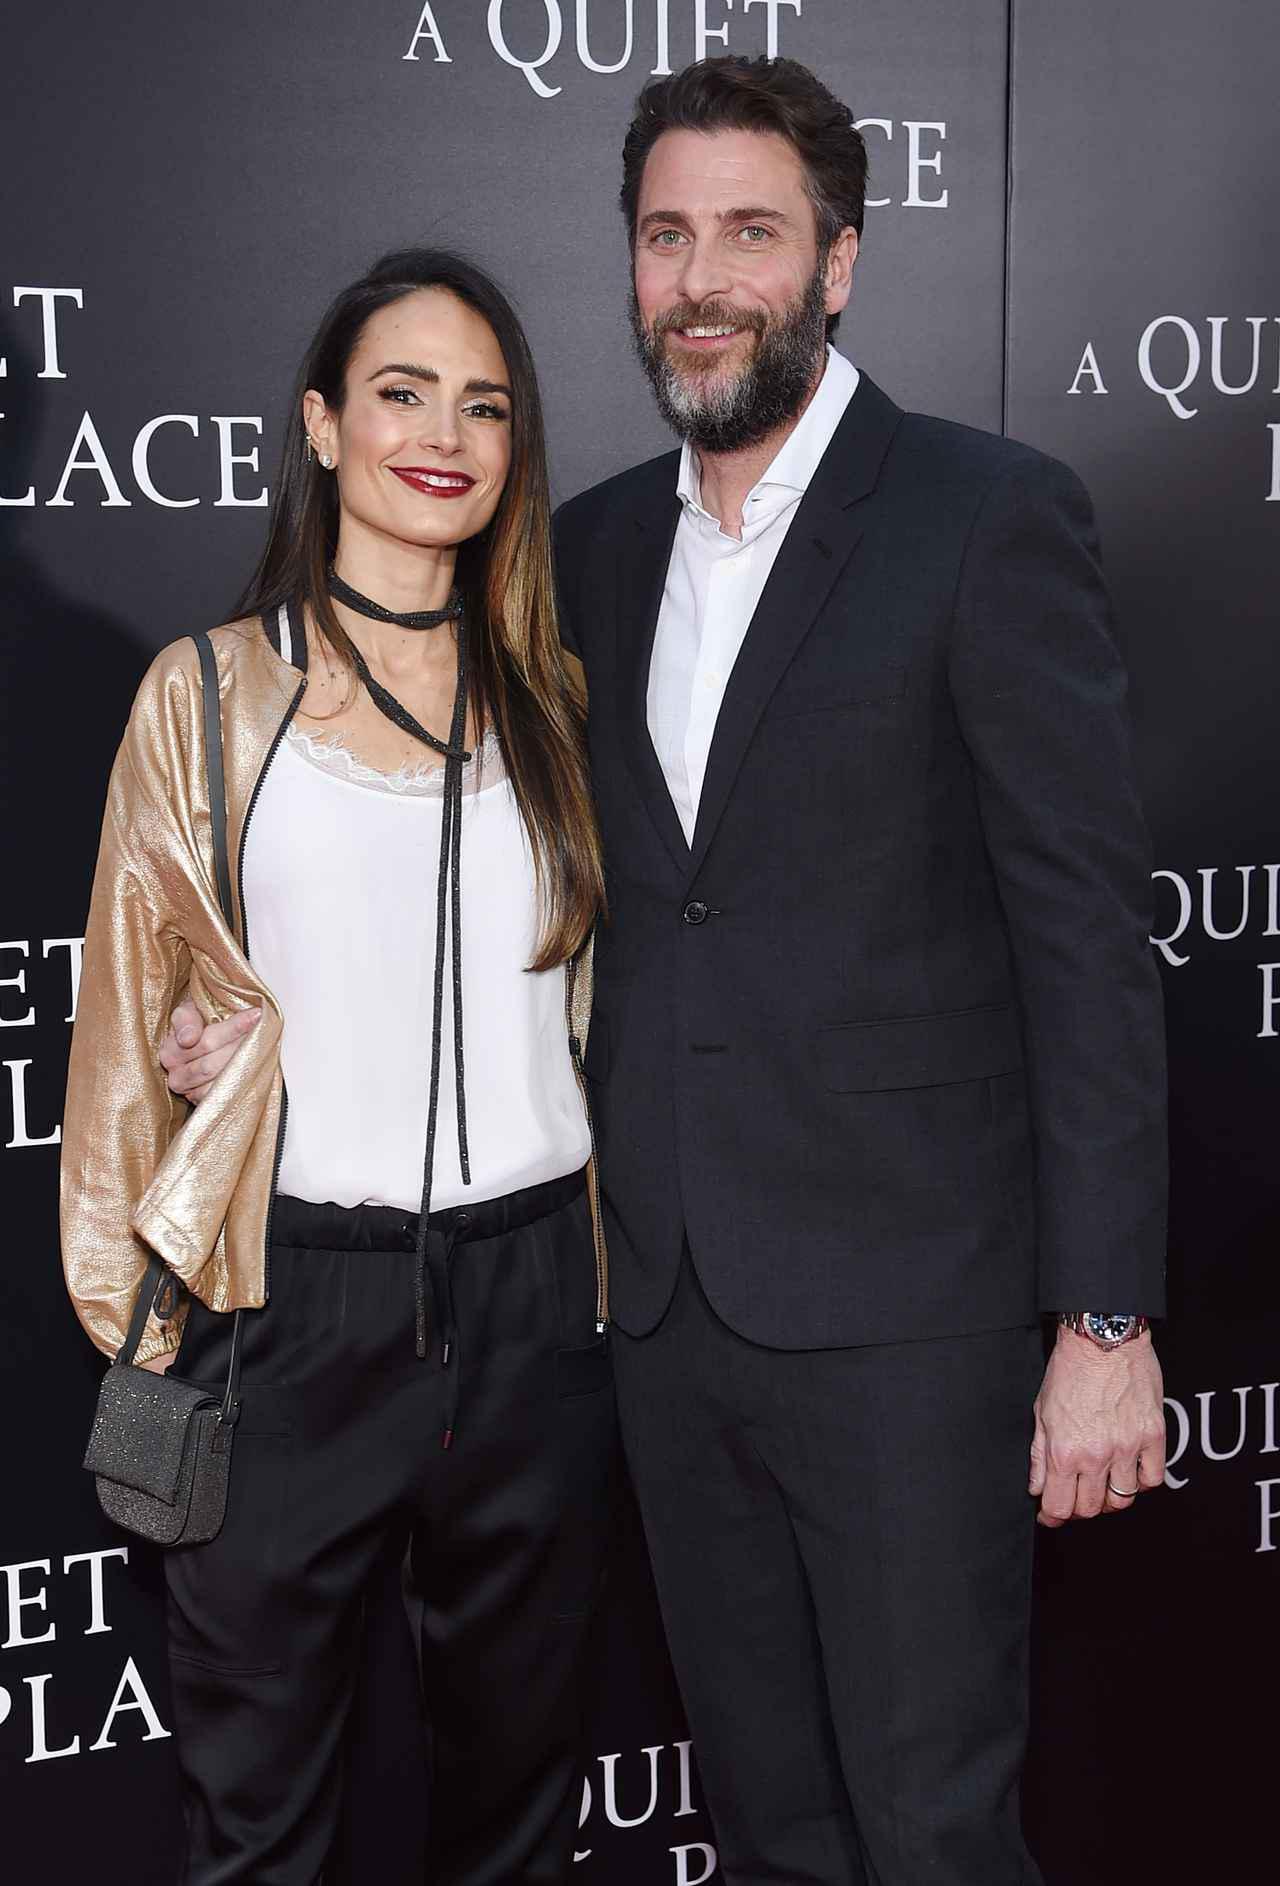 画像: ジョーダナとアンドリューが密かに離婚